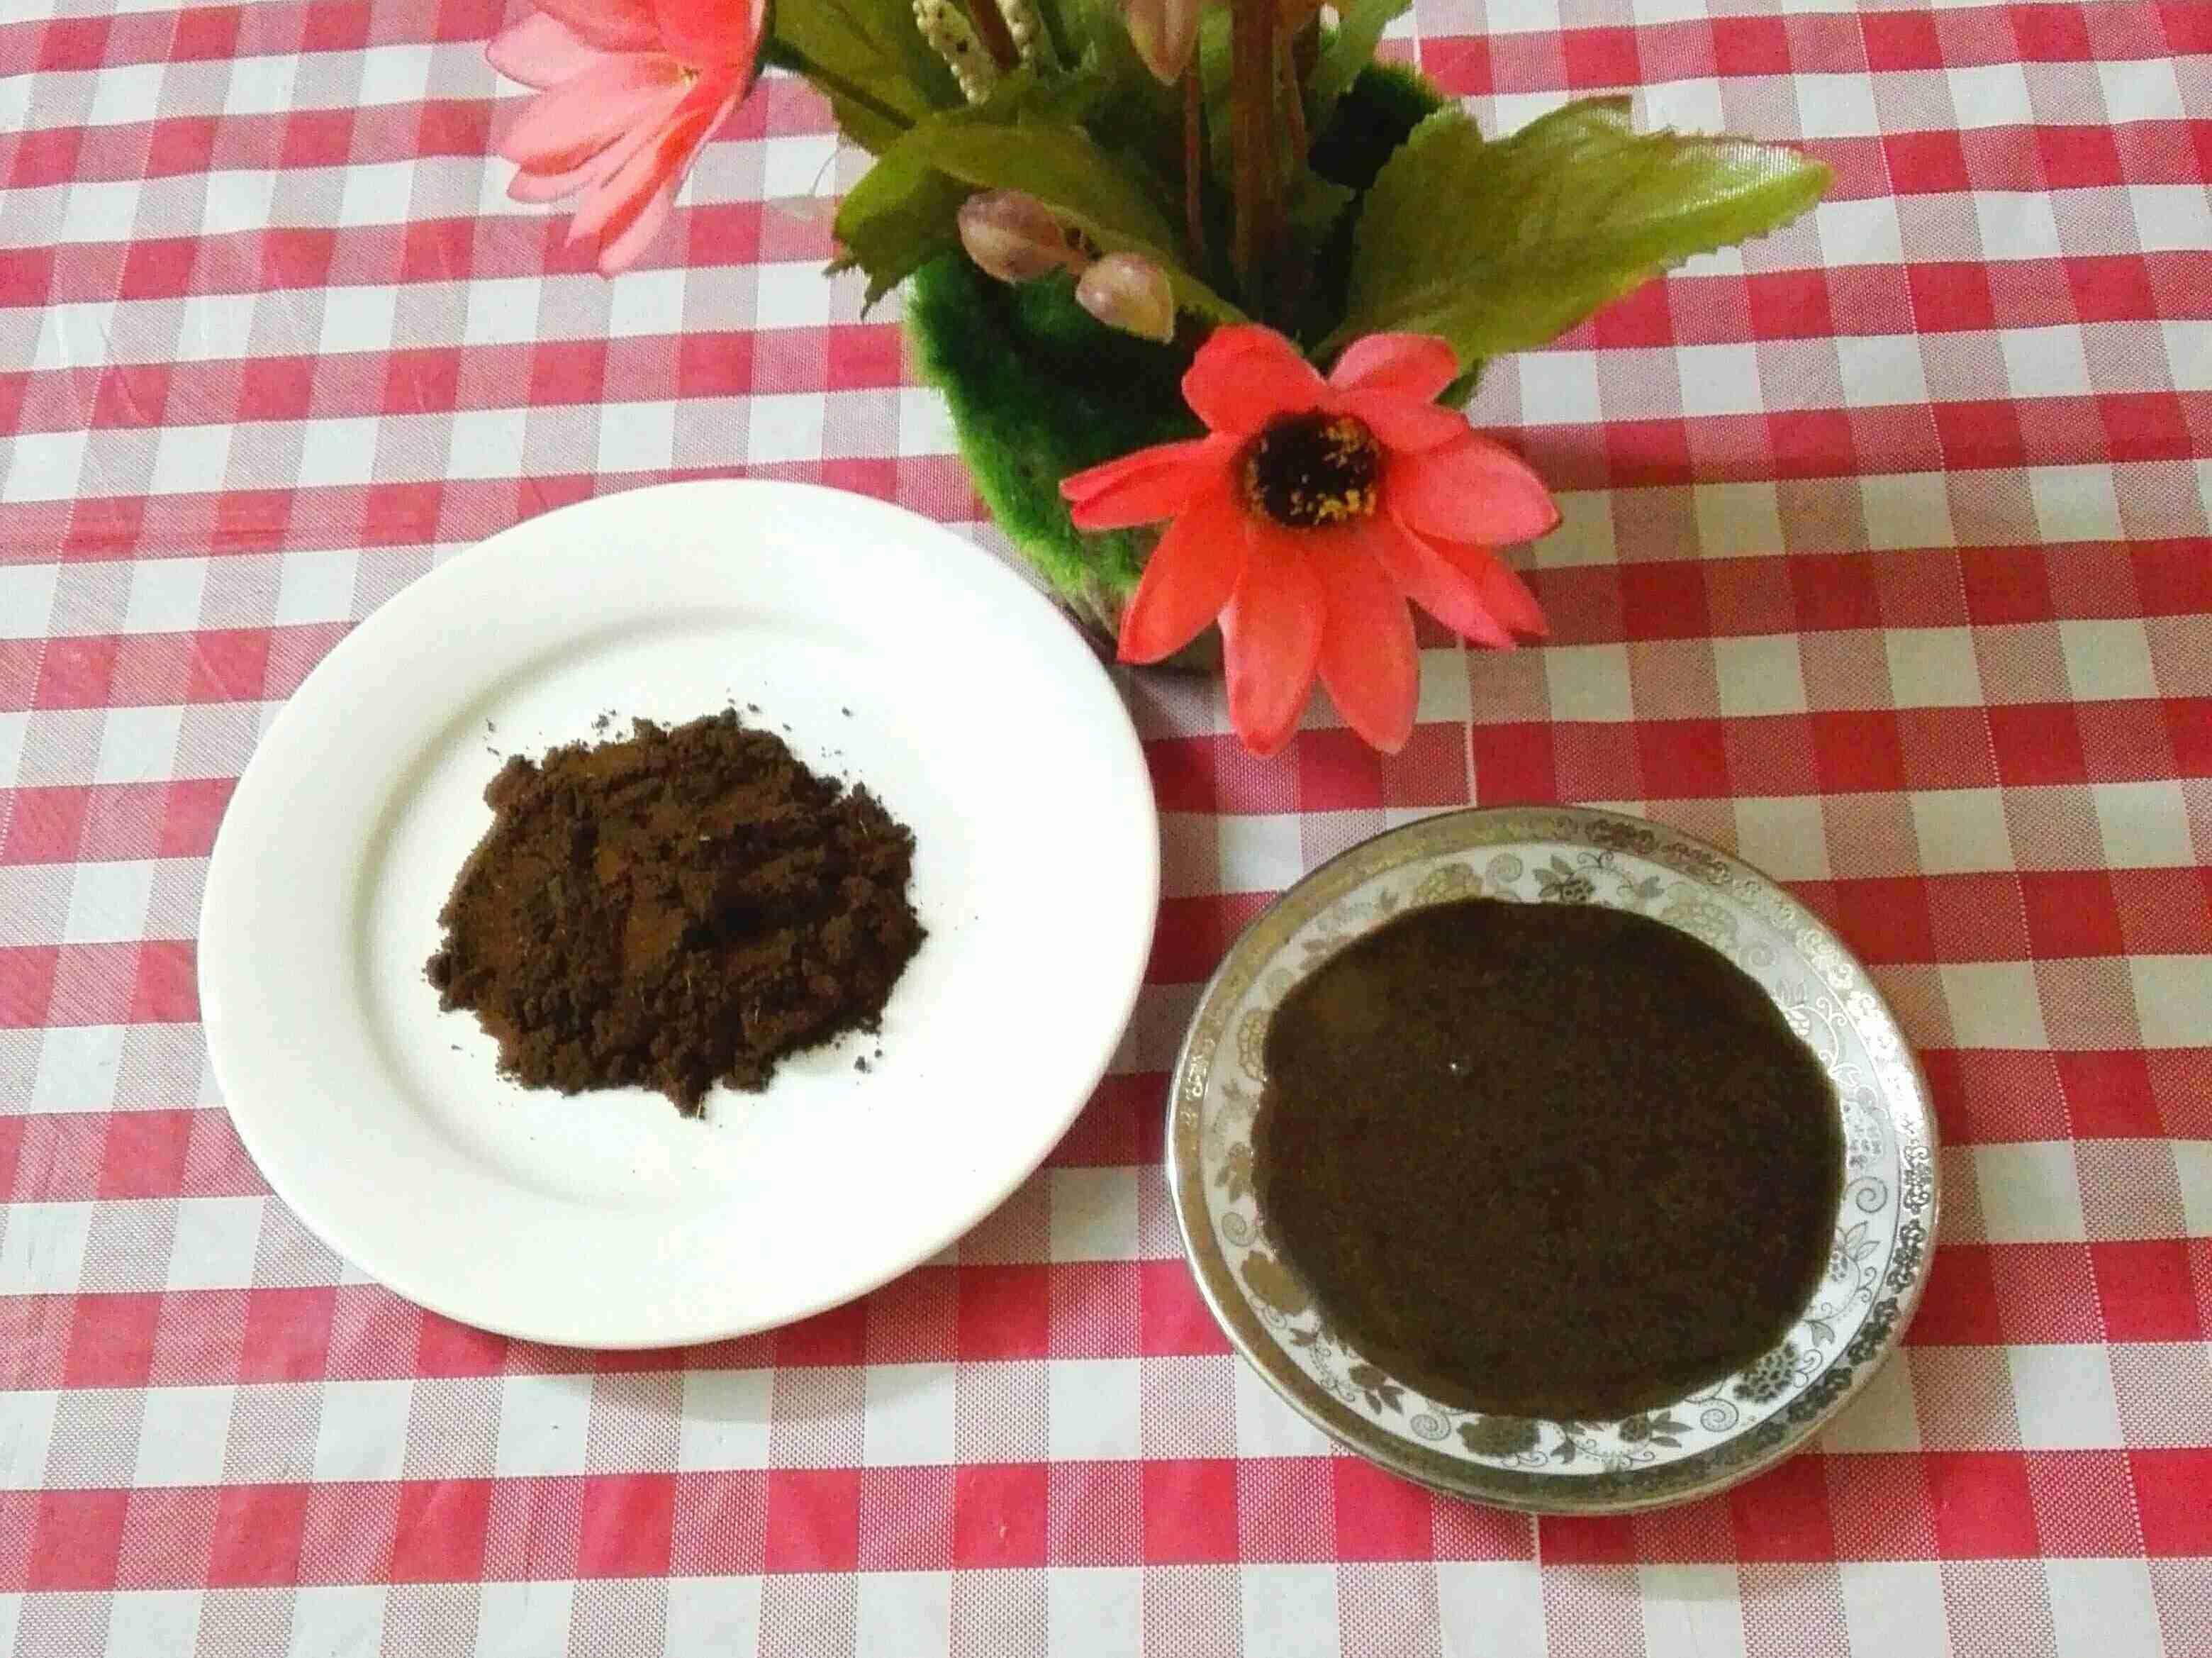 ماسك القهوه للبشره والنتيجه رائعه أفكار منزليه زاكي Recipe Homemade Chocolate Food